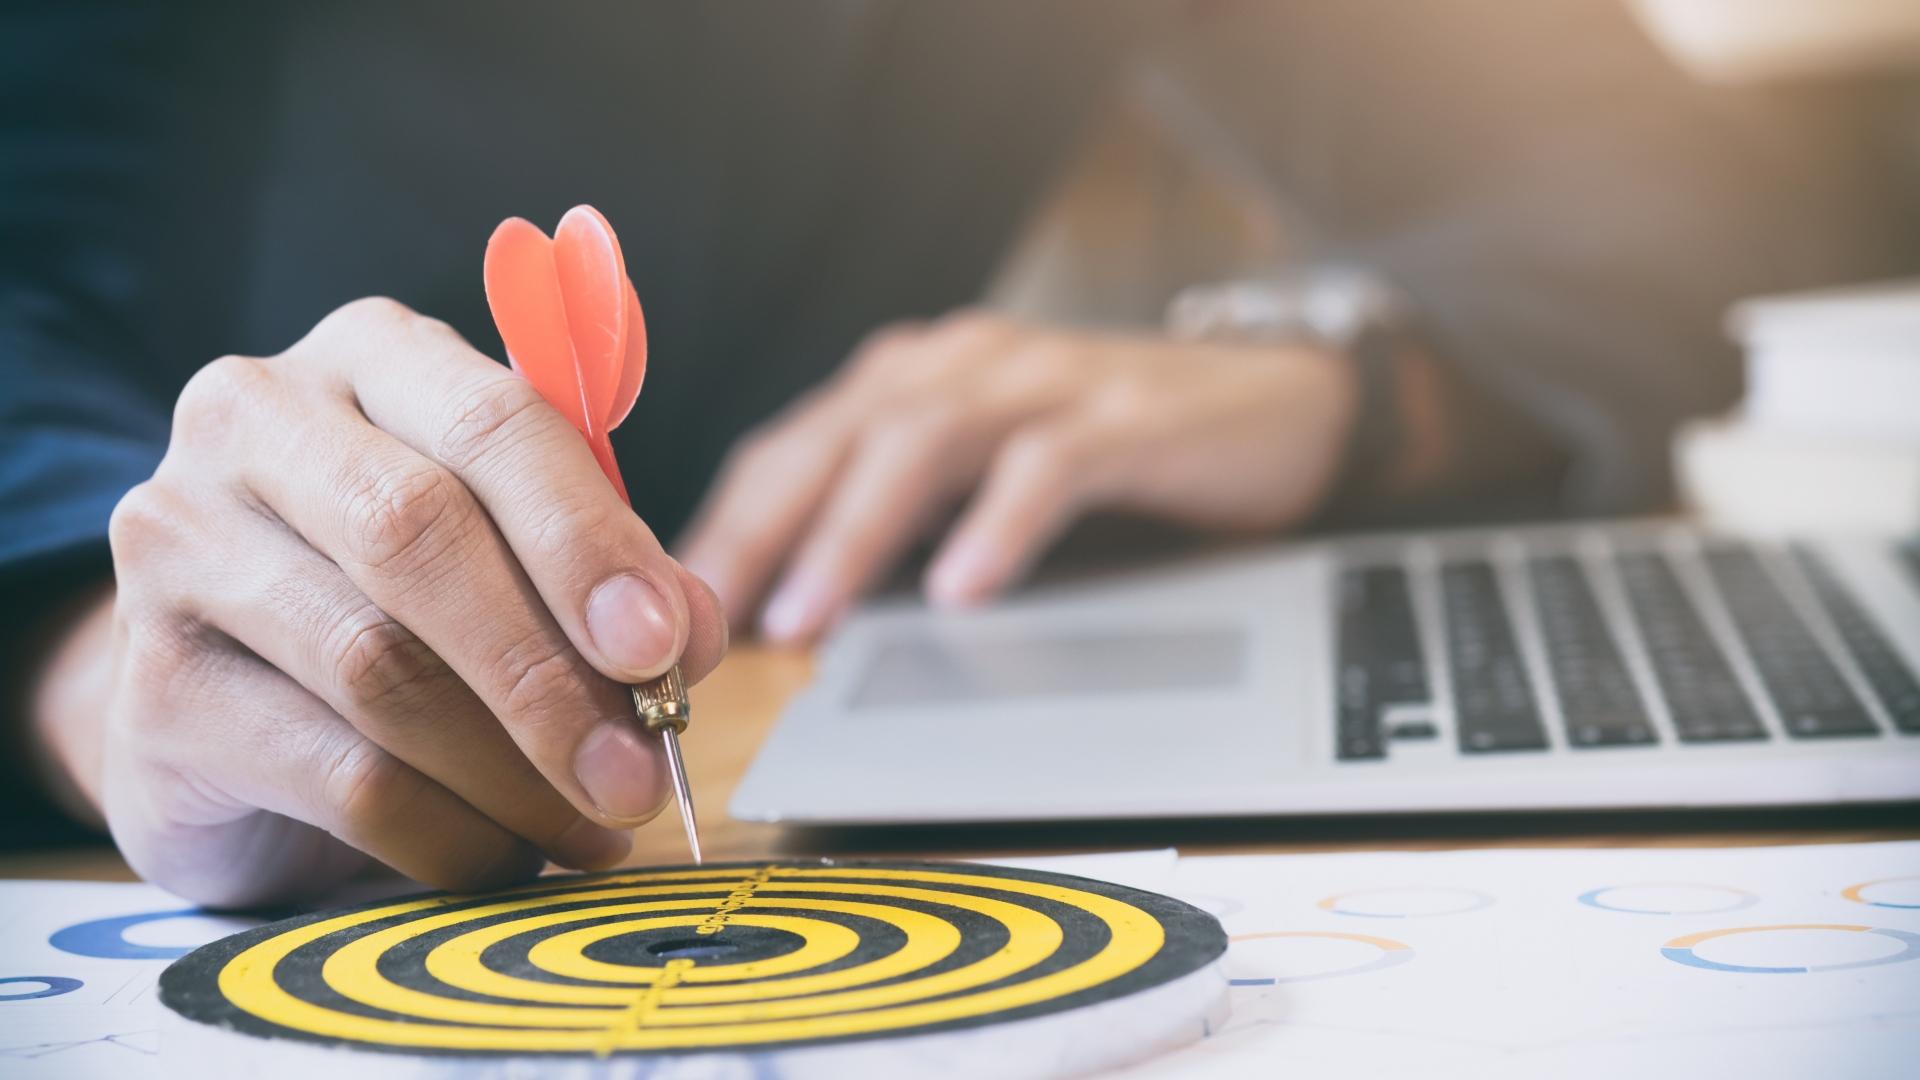 Foto de pessoa colocando um dardo no centro de um alvo